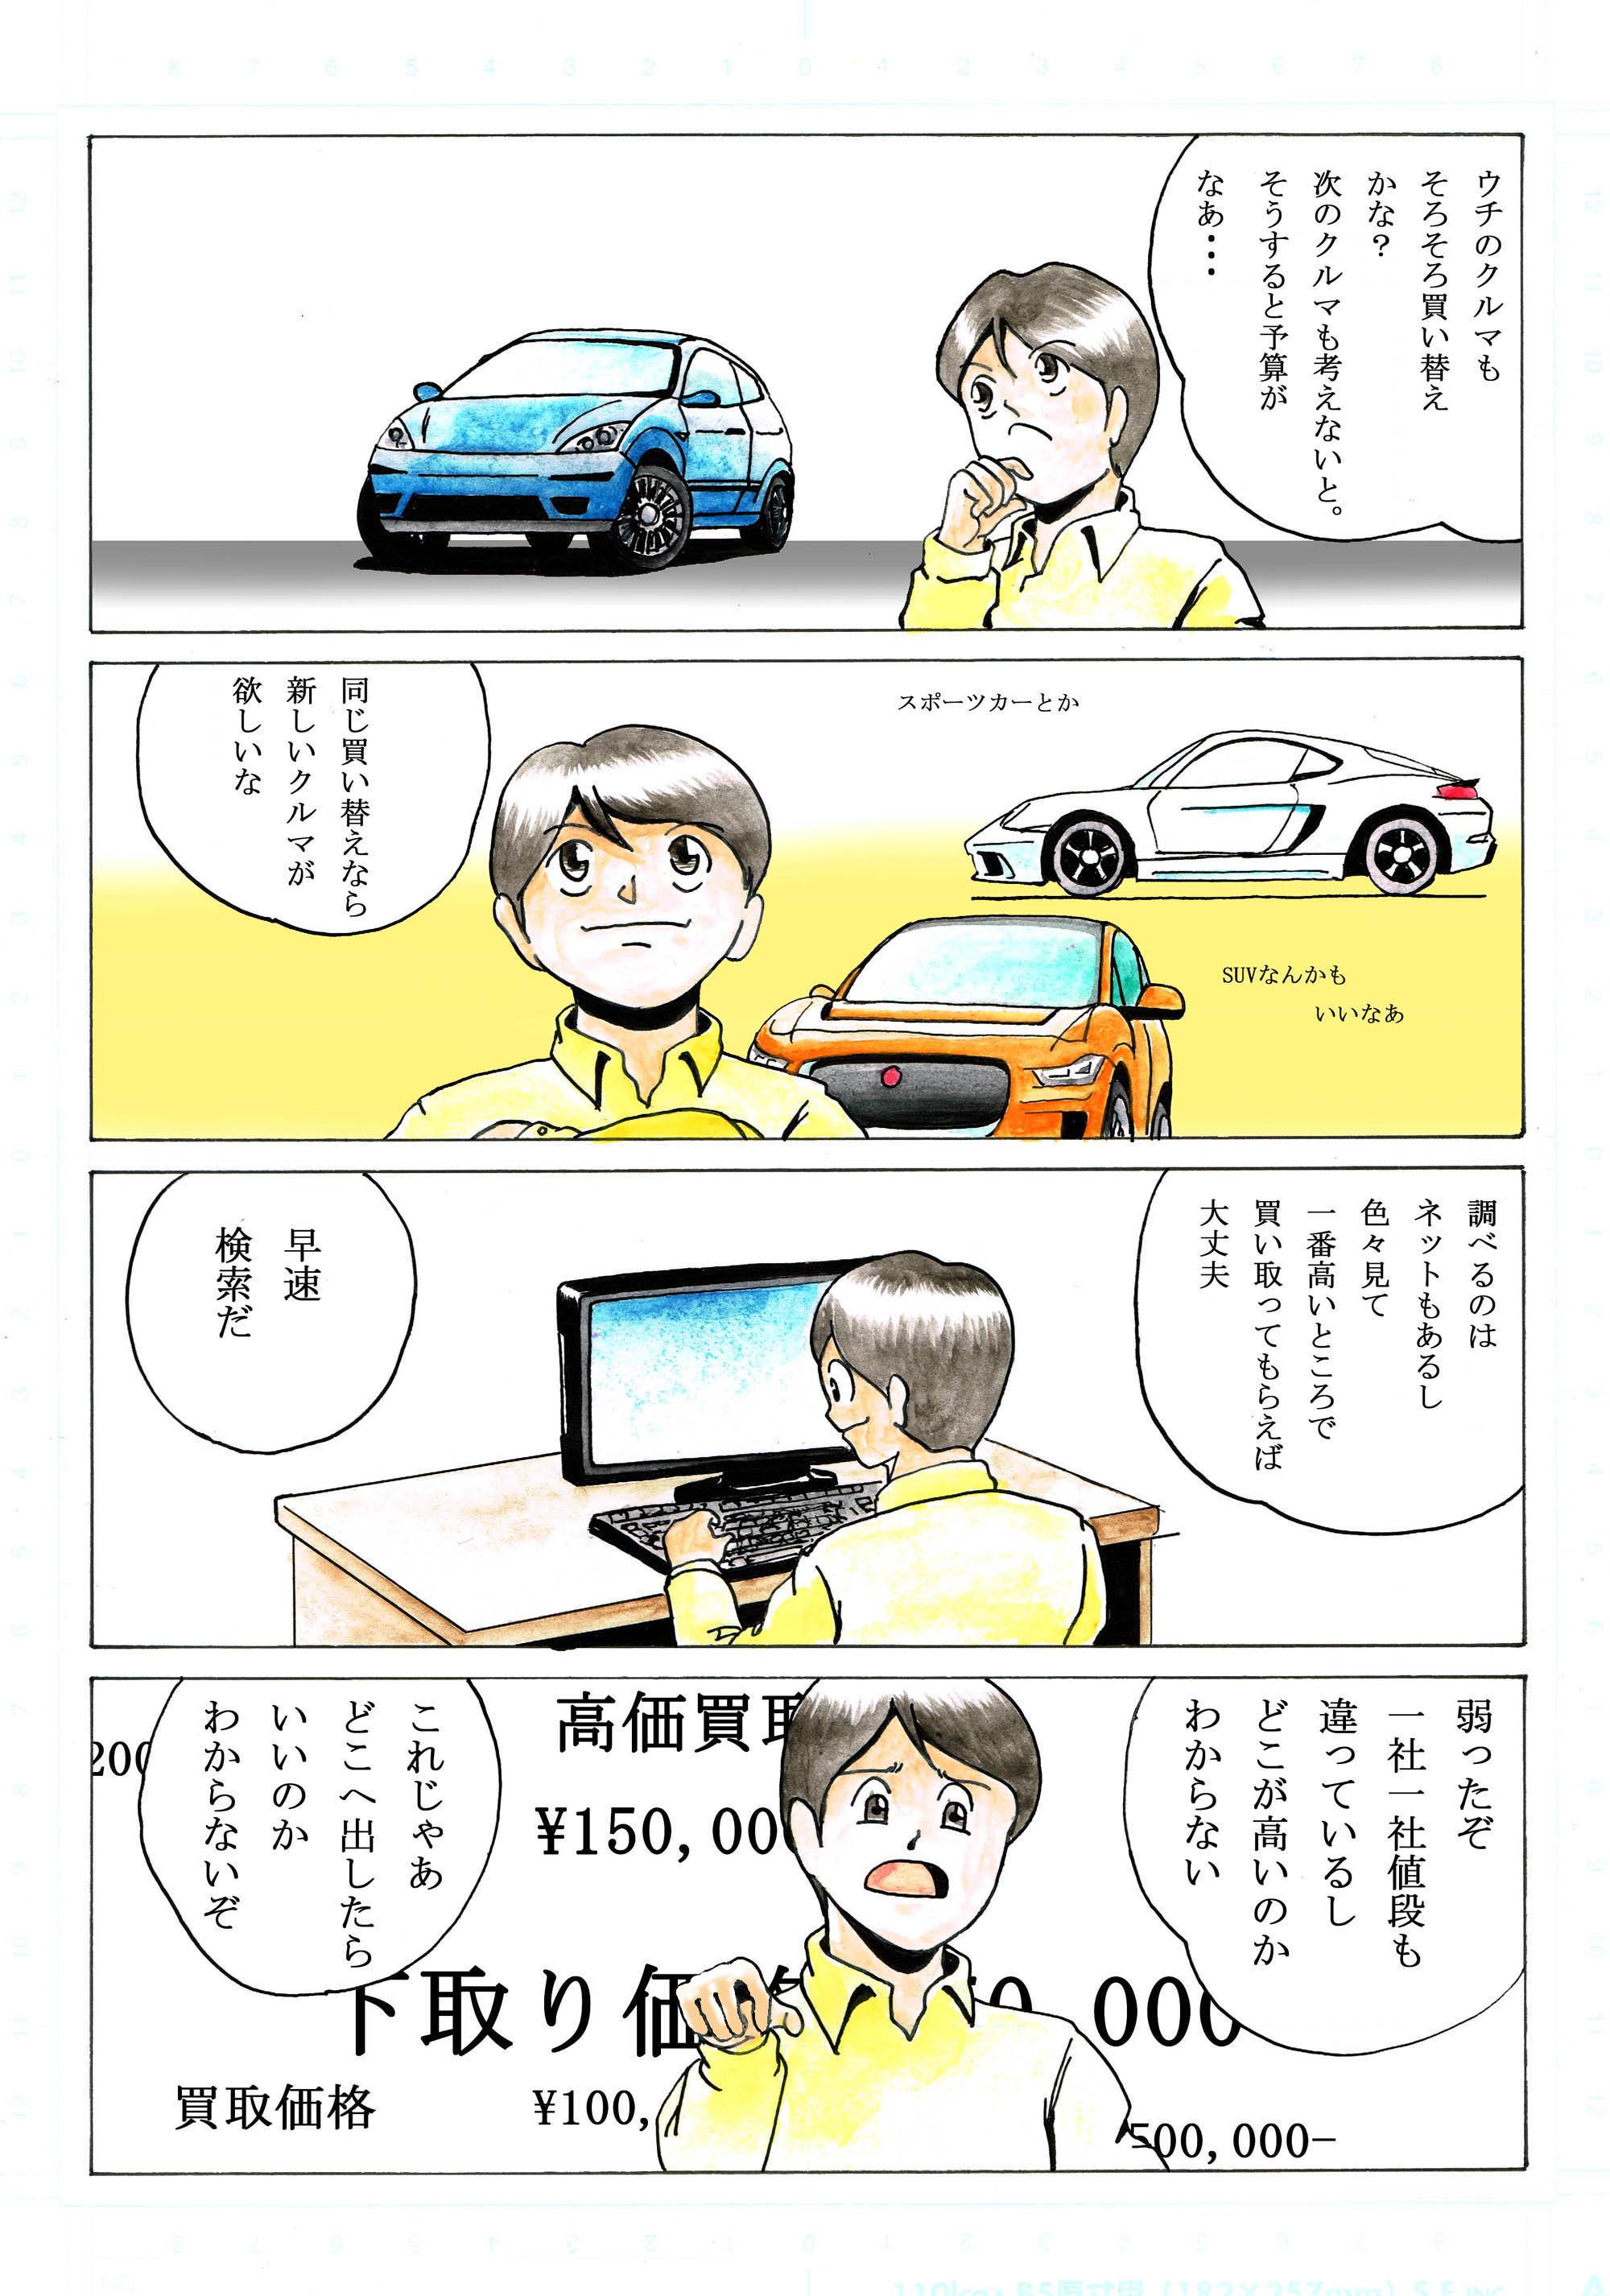 車買い替えタイミング